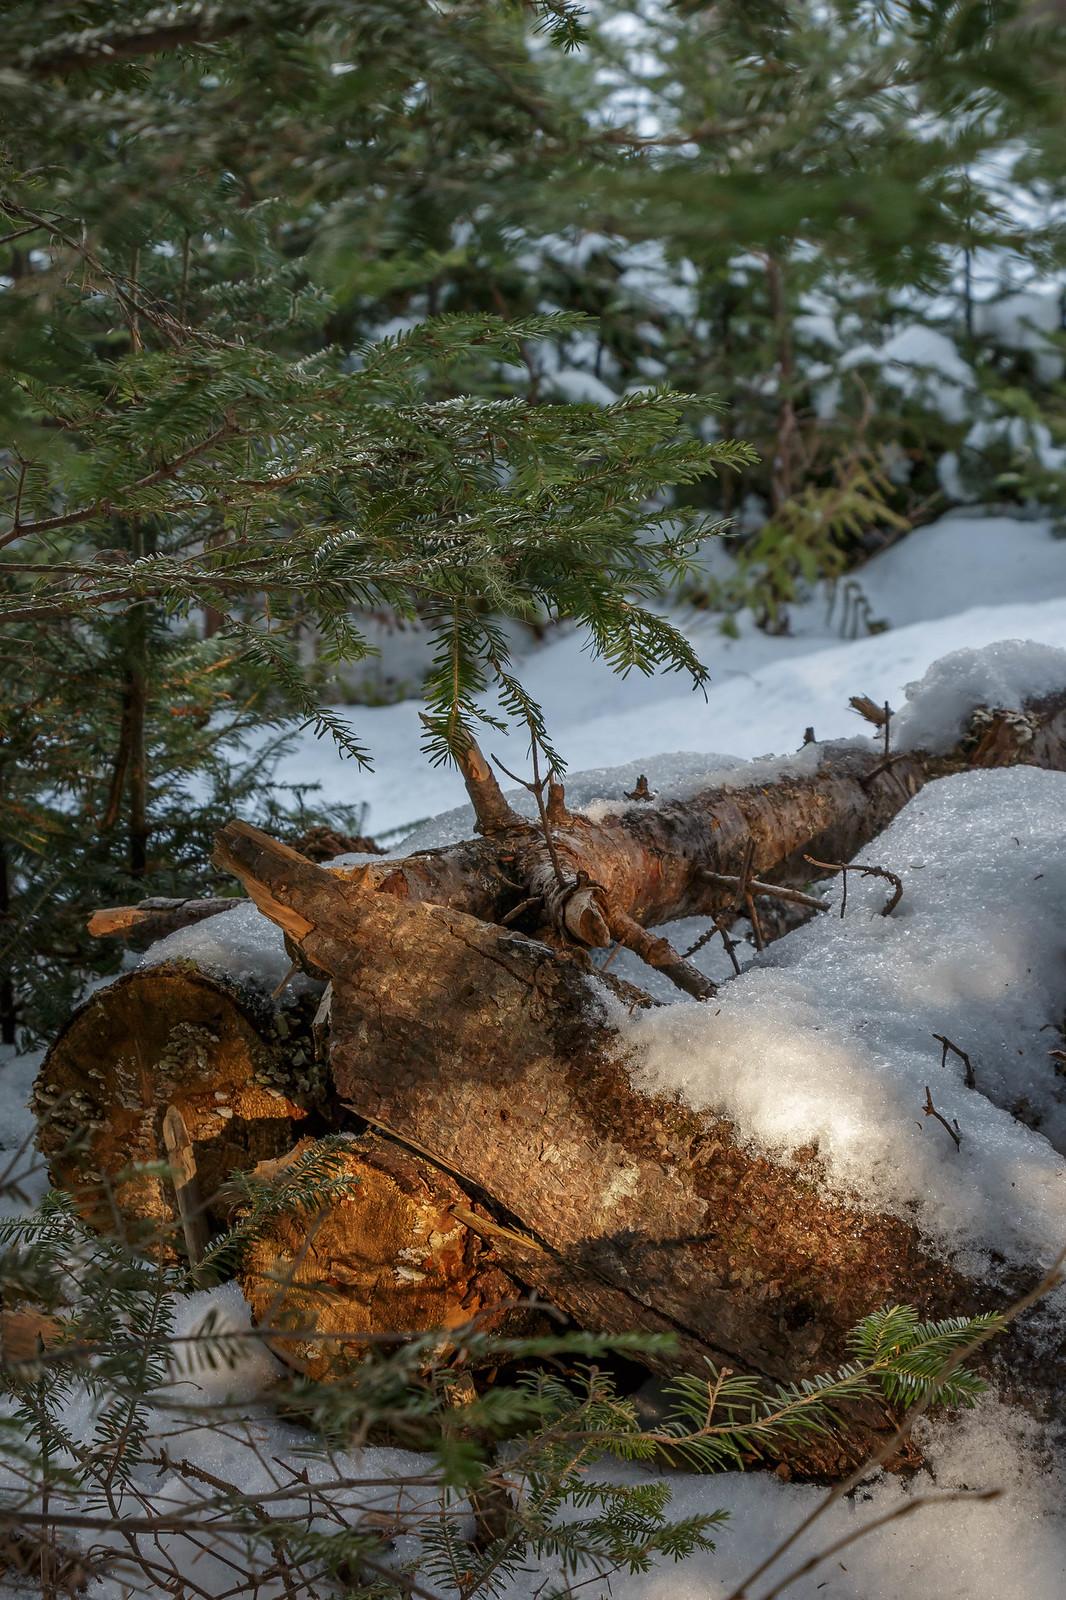 sunlit logs